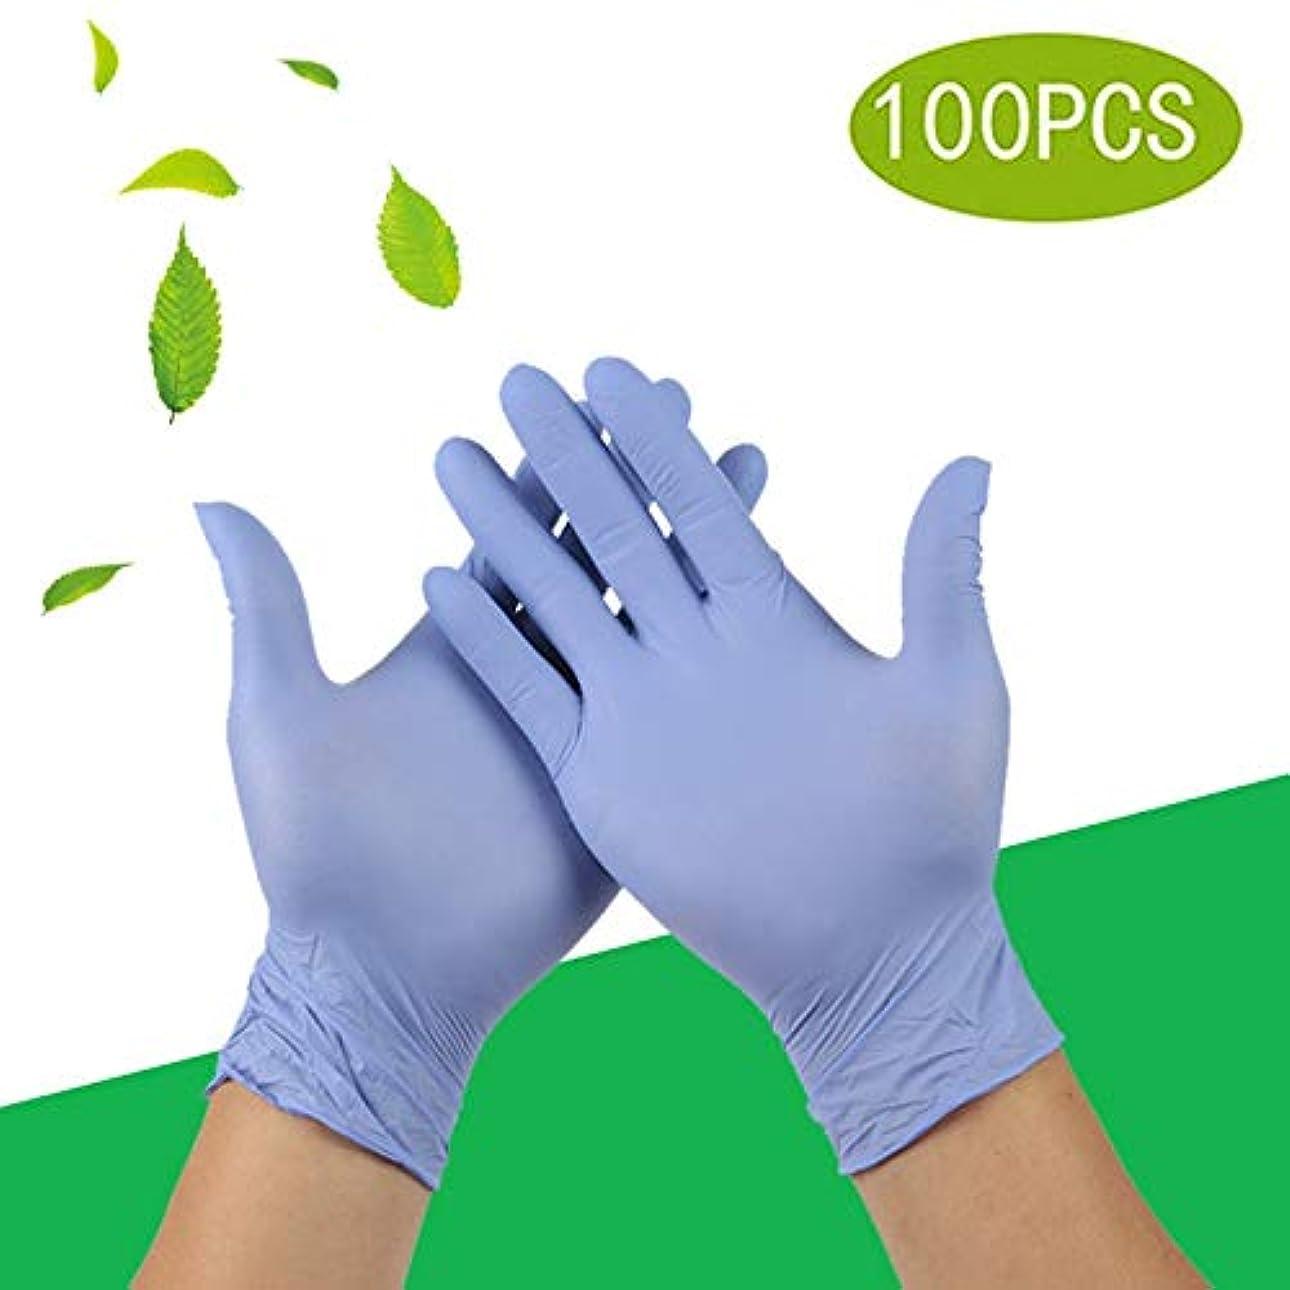 被るあいにくナインへ使い捨て手袋軽量9インチパウダーフリーラテックスフリーライト作業クリーニング園芸医療グレード入れ墨医療検査手袋100倍 (Color : Blue, Size : M)